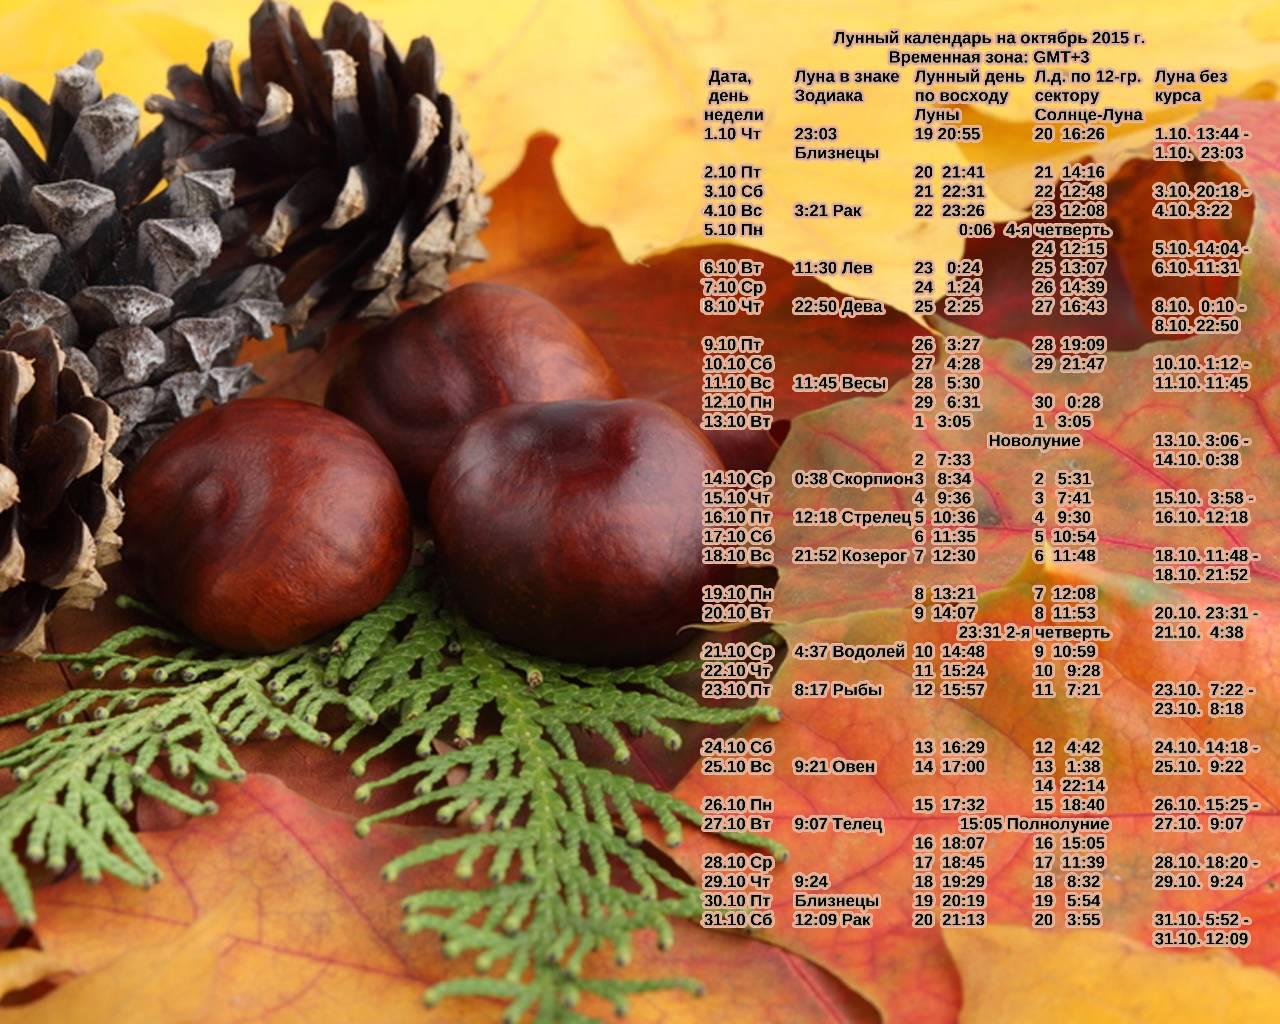 здесь лунный календарь на октябрь фото карманов варьируется зависимости